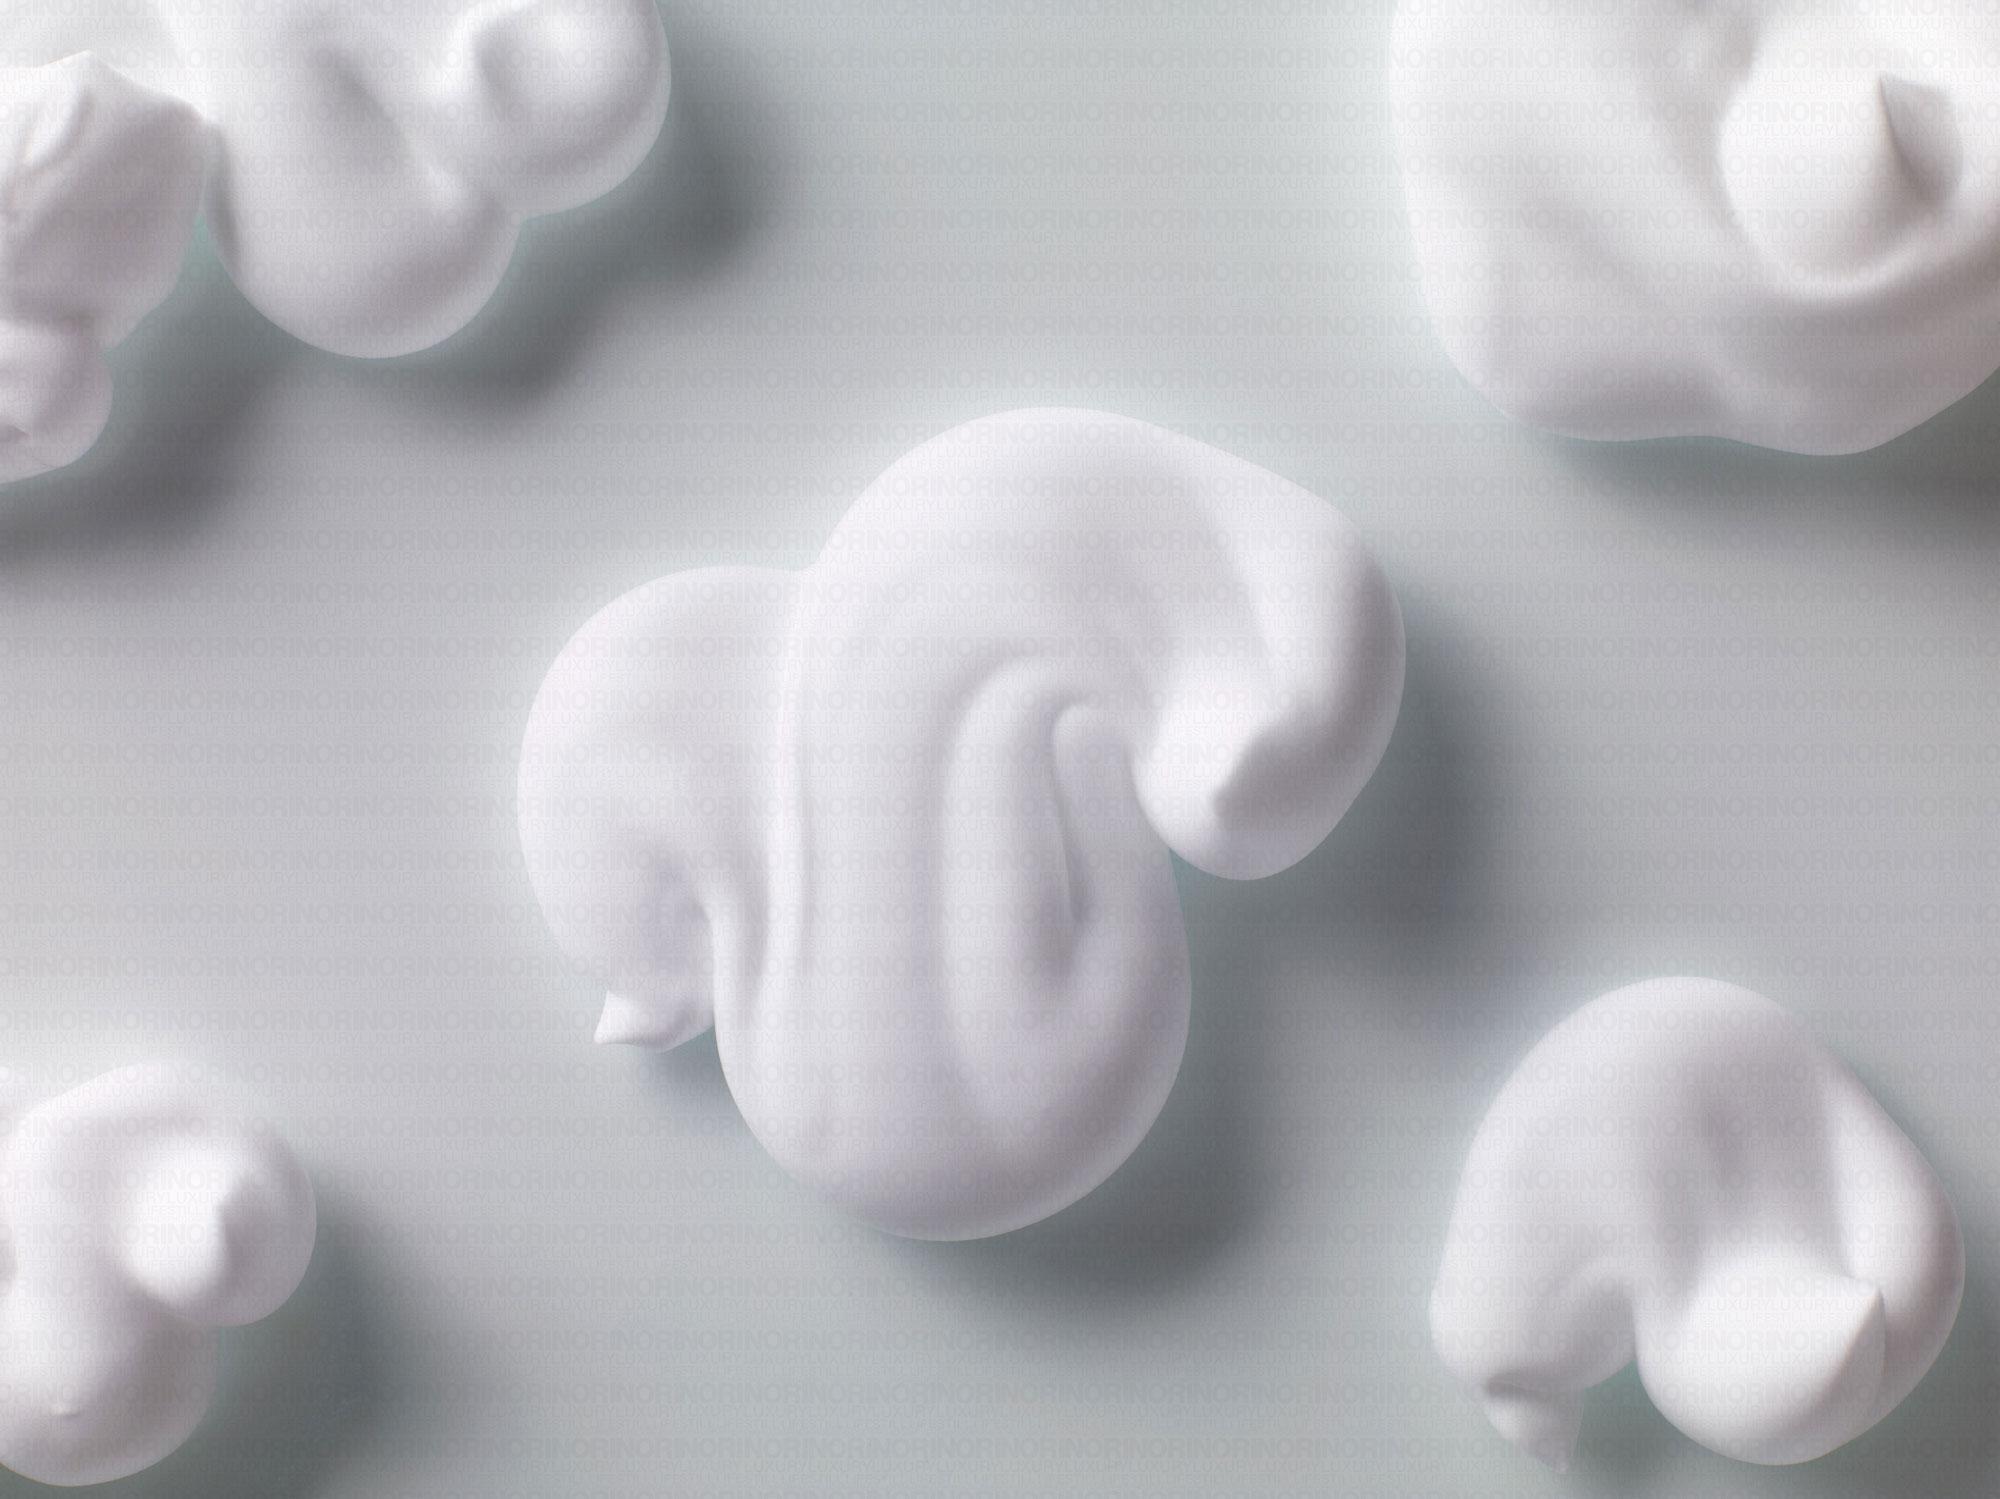 031917_white_splash_overhead155867.jpg